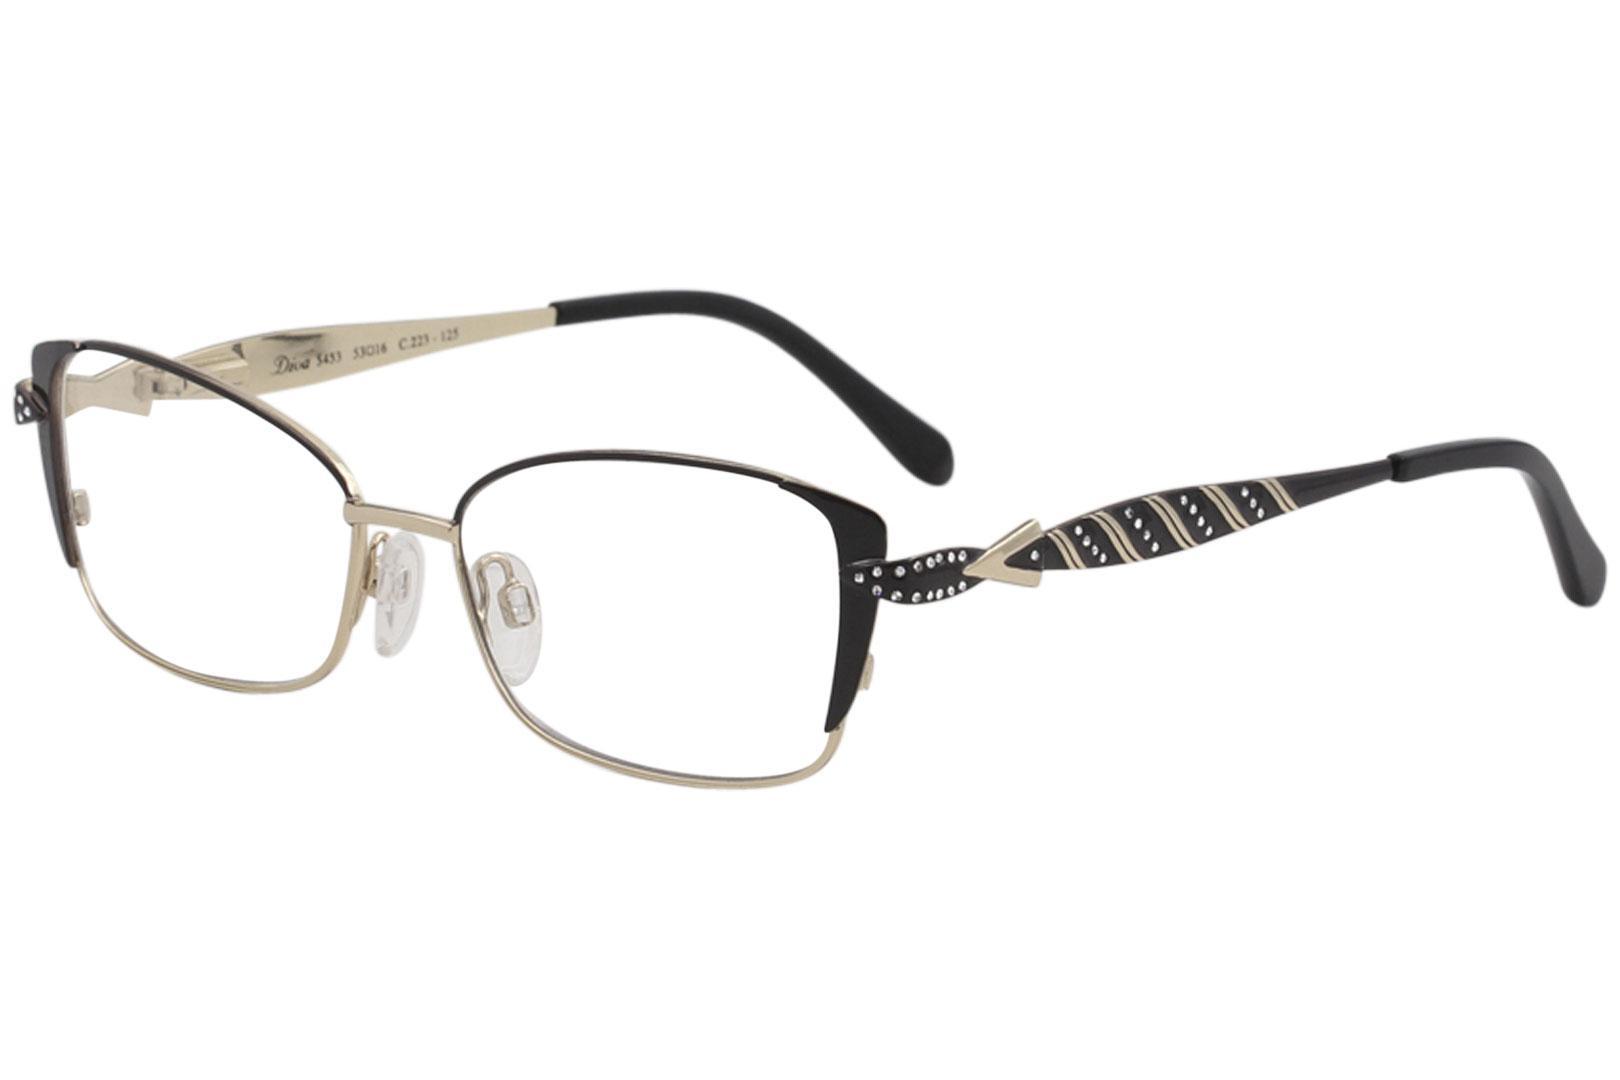 818c6260bf Diva Women s Eyeglasses 5453 223 Black Gold Full Rim Optical Frame ...